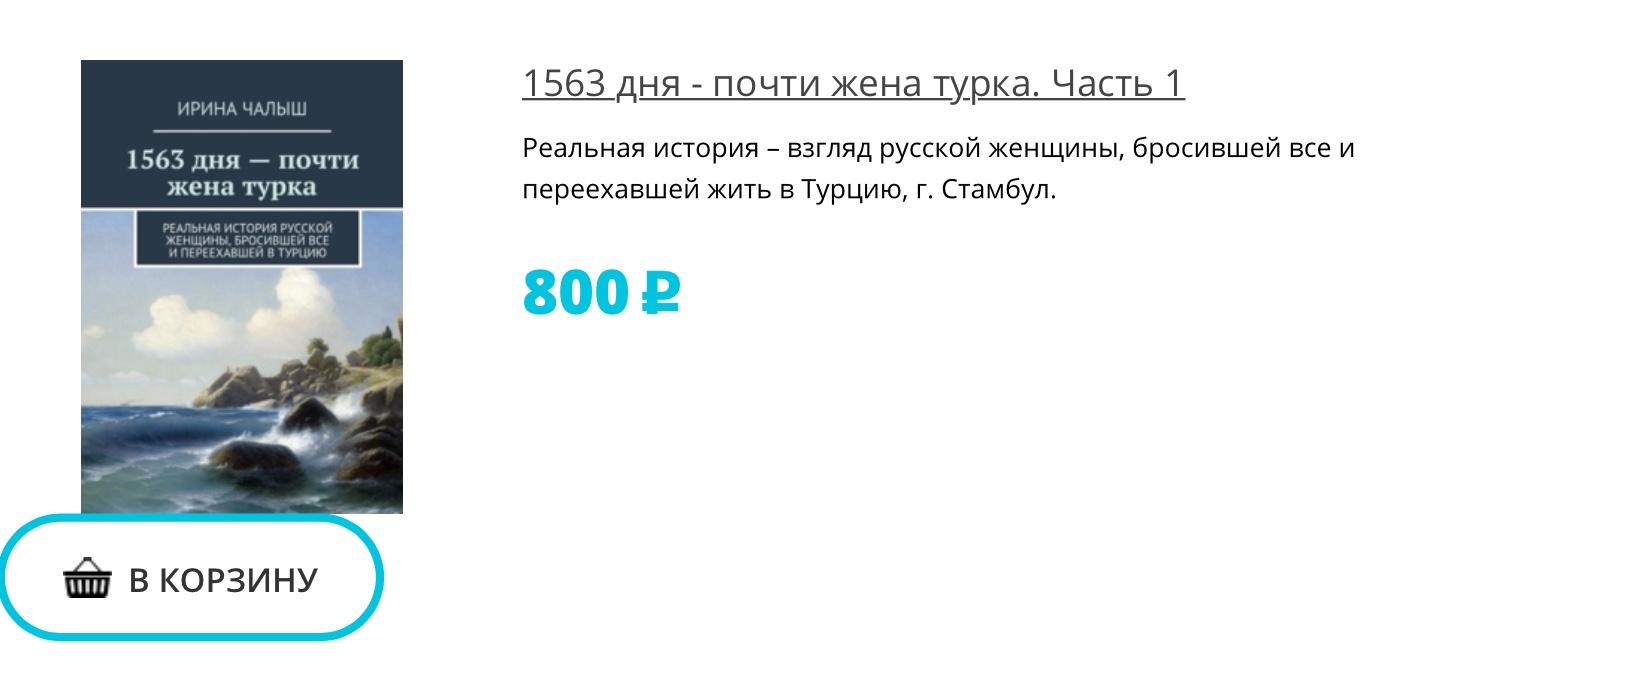 D62610AC-E803-4A21-BF58-999D0BDFA0FF.jpeg